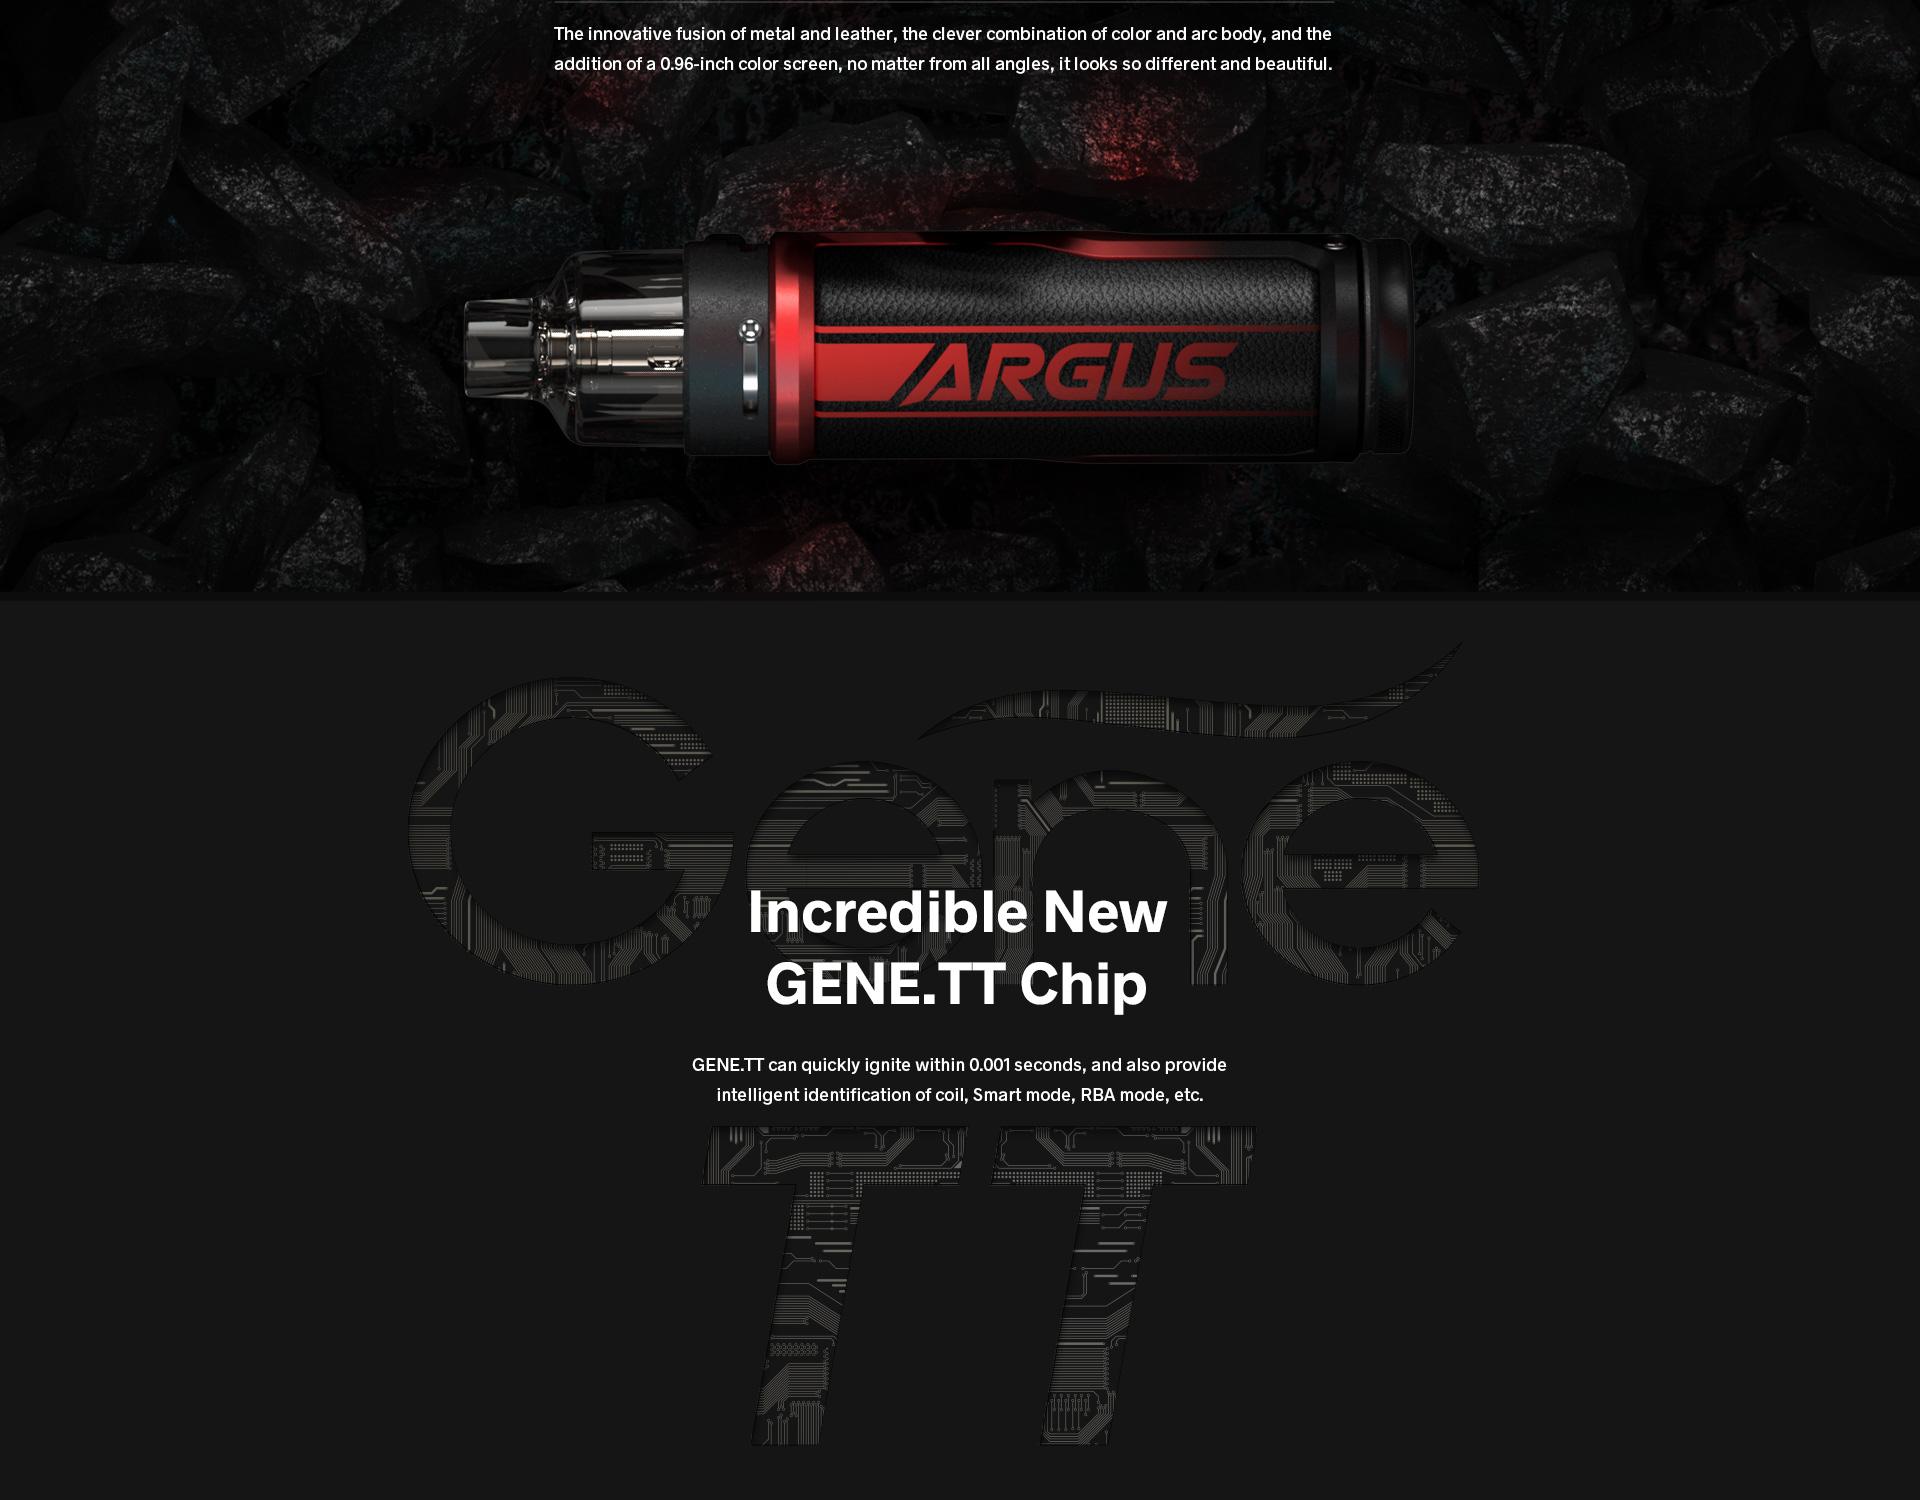 Argus Pro Adopts GENE.TT Chipset